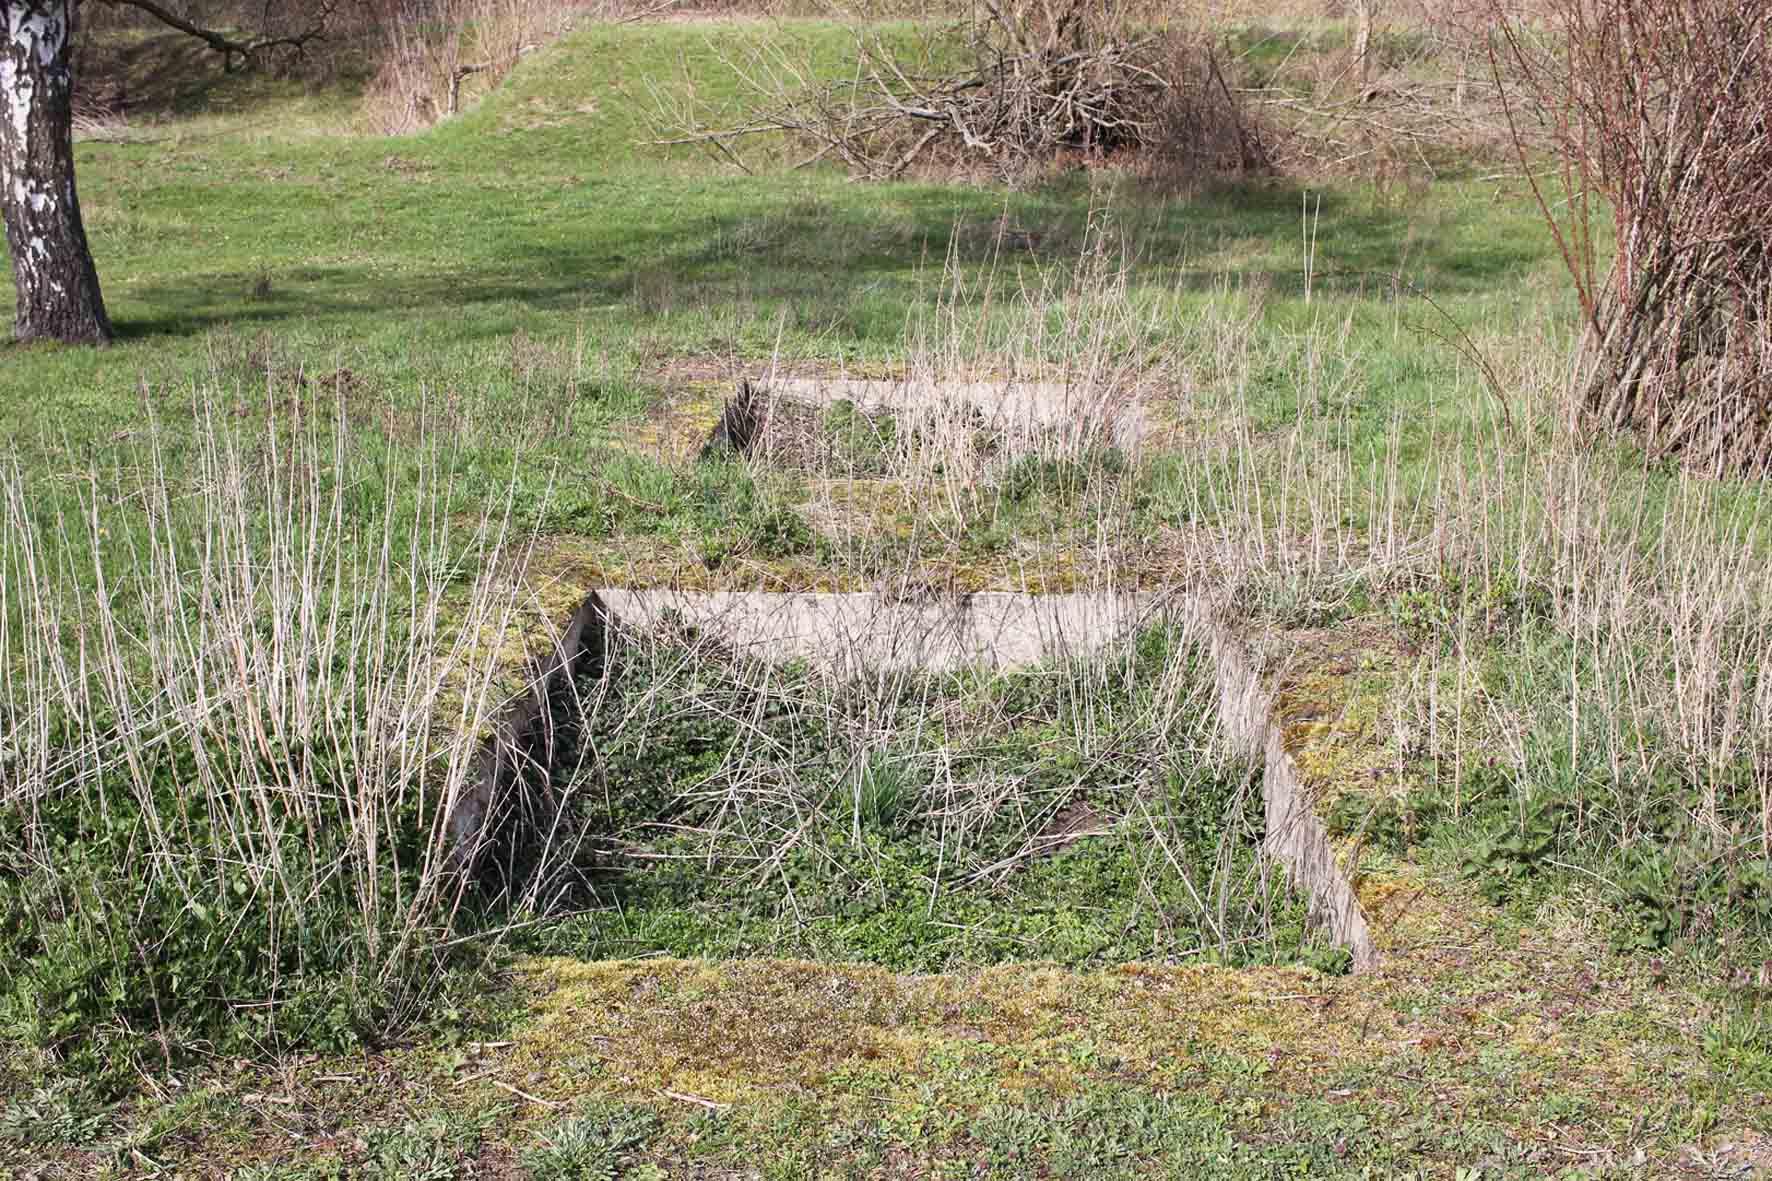 Betonfundament auf Parks Range und Doughboy City - ein ehemaliger Truppenübungsplatz der US Army Berlin Brigade